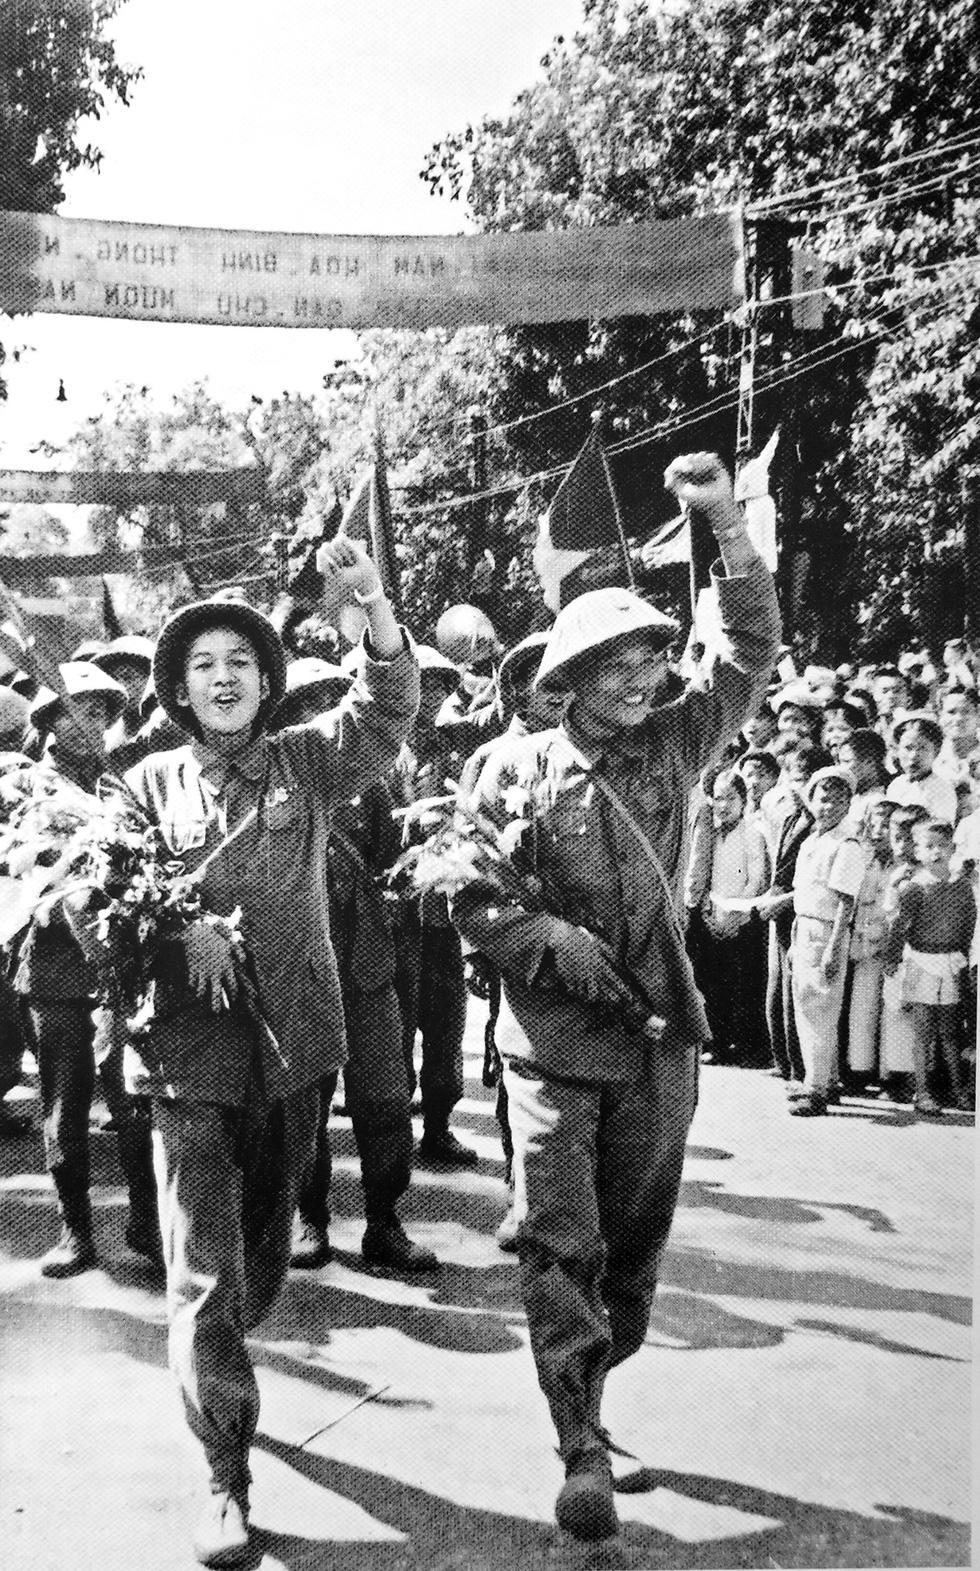 Kỷ niệm 65 năm ngày giải phóng Thủ đô: Hà Nội, ngày đoàn hùng binh khải hoàn - Ảnh 4.